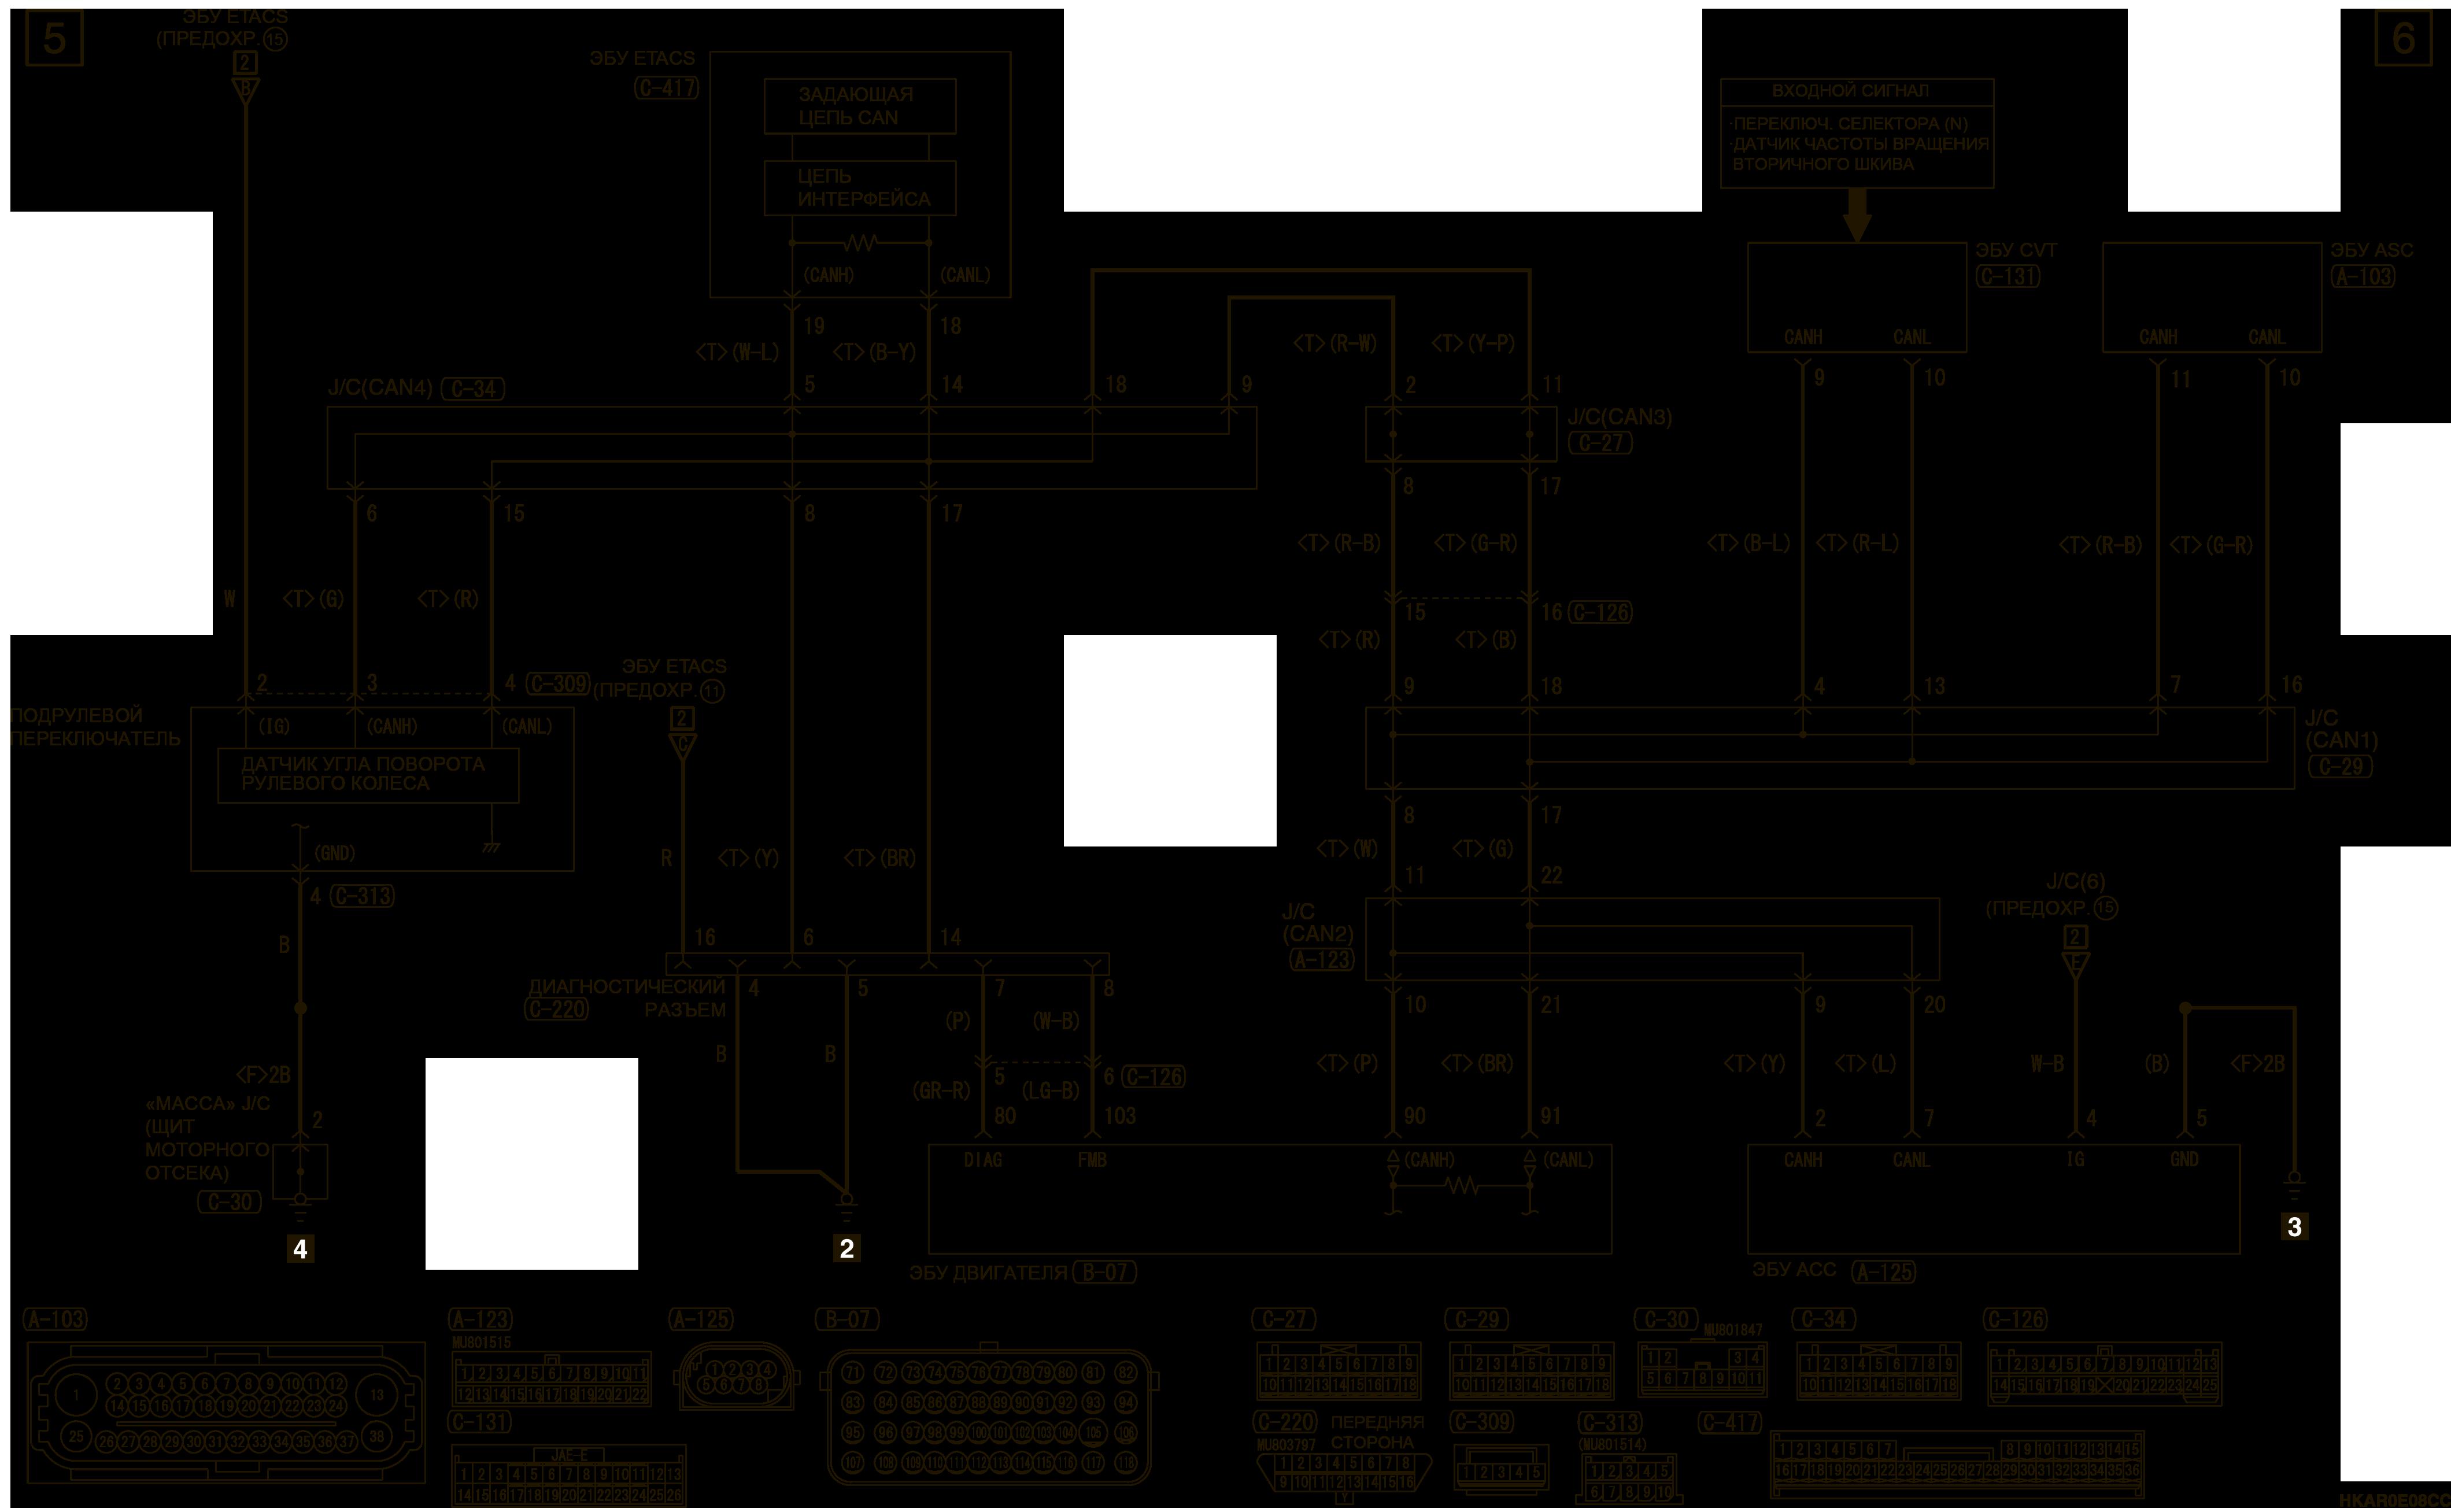 mmc аутлендер 3 2019 электросхемаСИСТЕМА АДАПТИВНОГО КРУИЗ-КОНТРОЛЯ (ACC) ПРАВОСТОРОННЕЕ УПРАВЛЕНИЕ